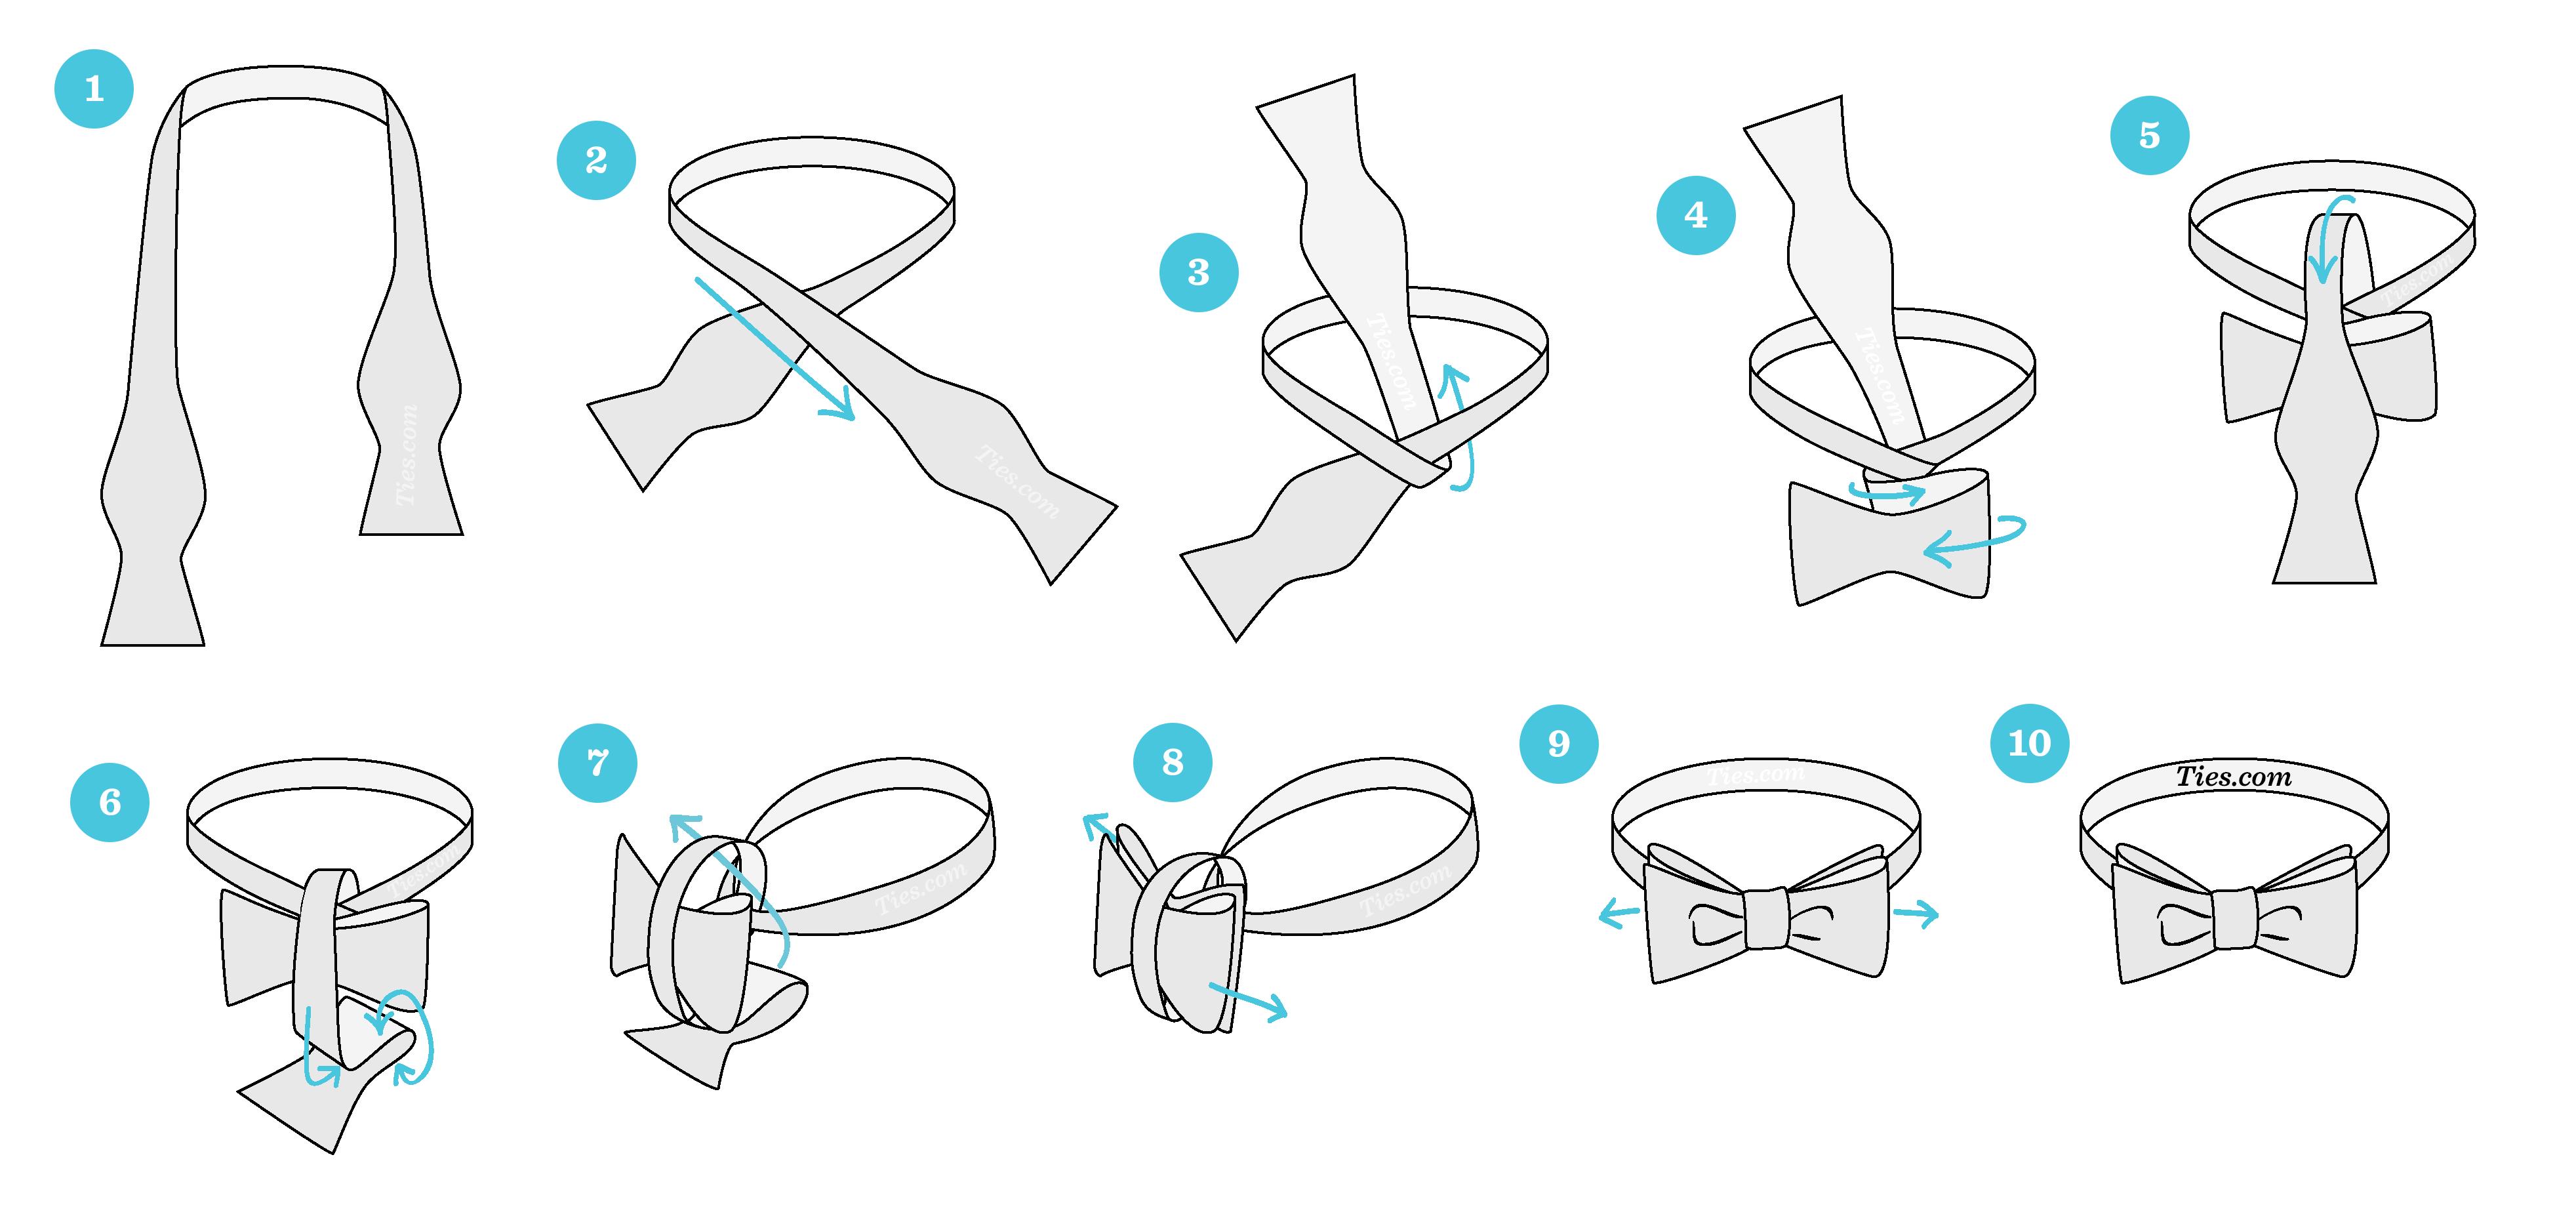 مراحل بستن پاپیون مردانه